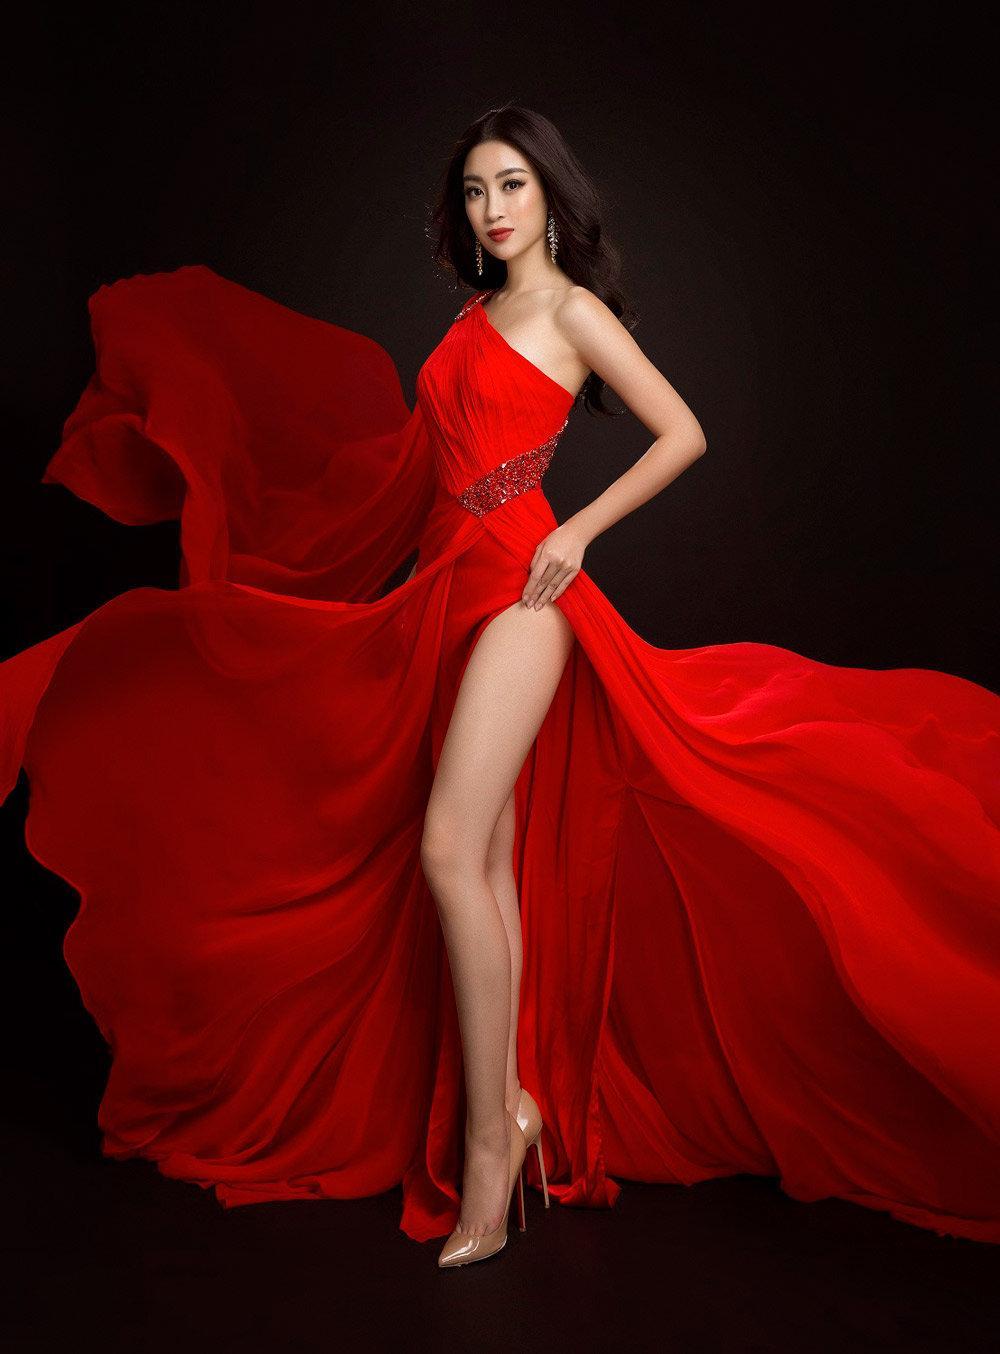 Hoa hậu Đỗ Mỹ Linh tung chiêu tại Miss World khiến người hâm mộ mát lòng-6